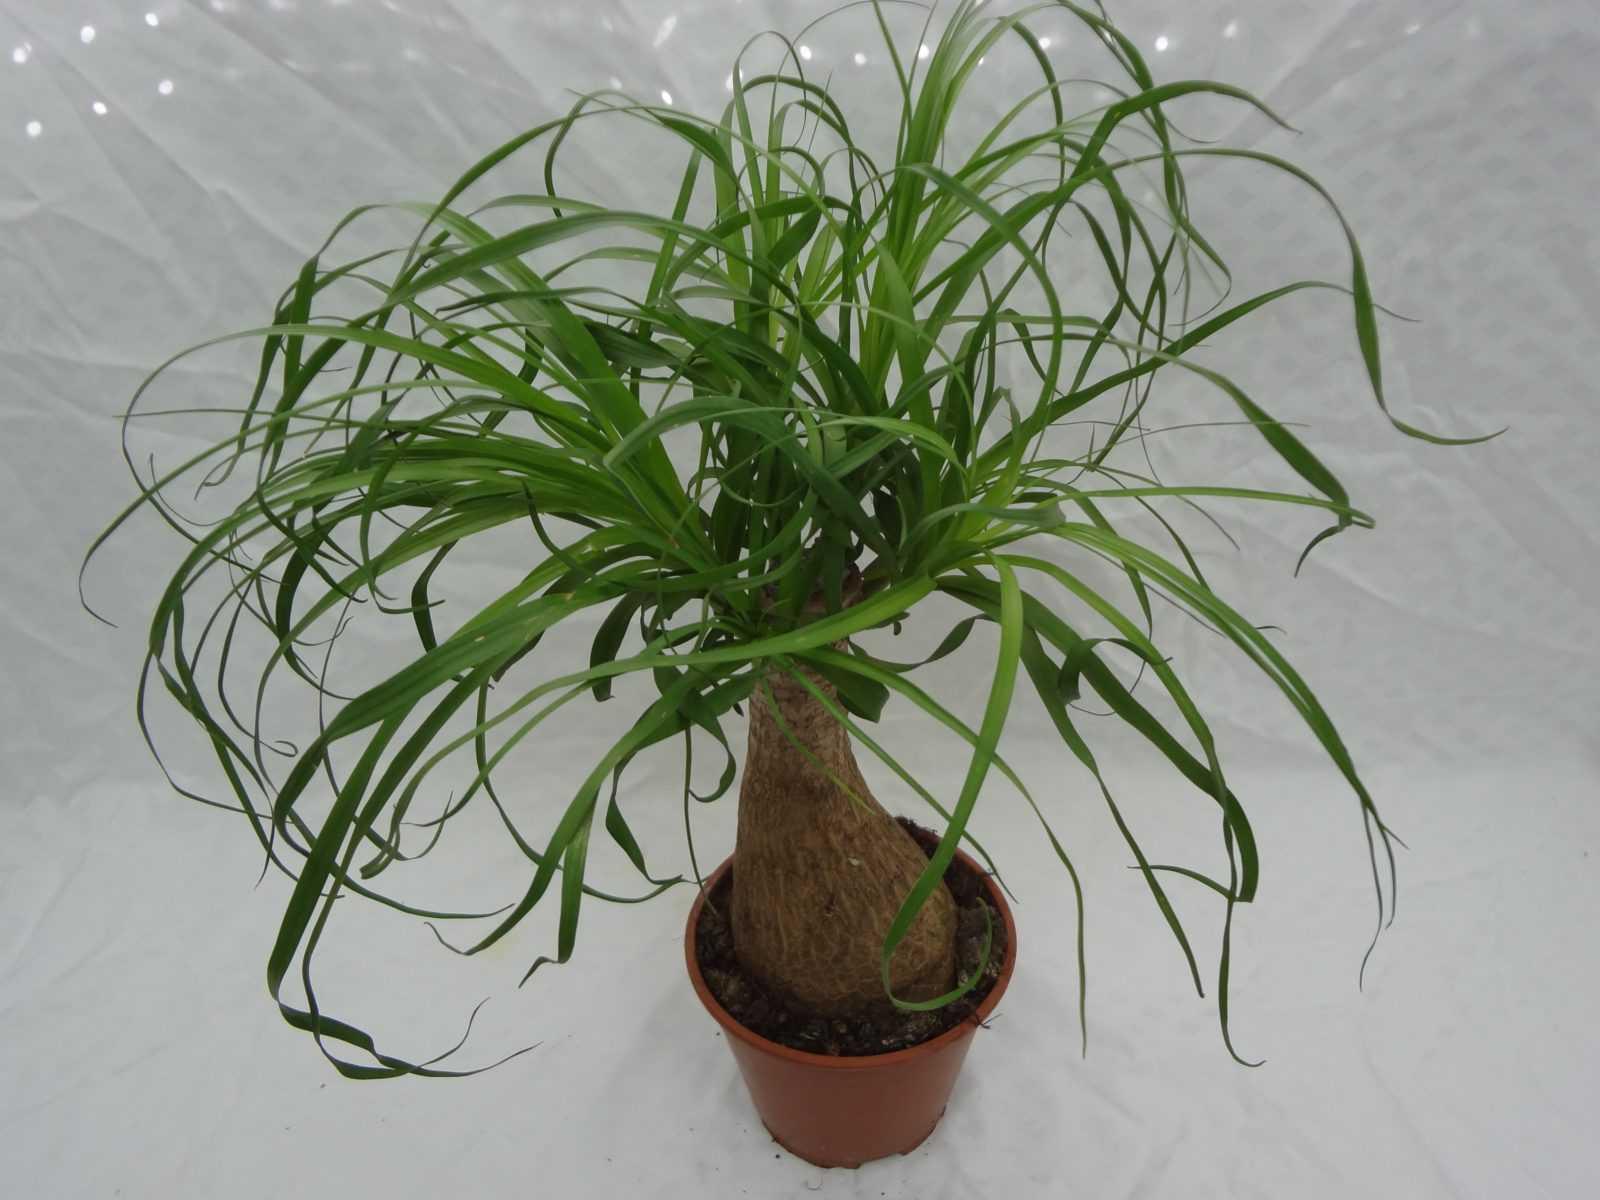 komnatnaya-palma-foto-video-vidy-palm-nazvanie-i-opisanie-rasteniya-14